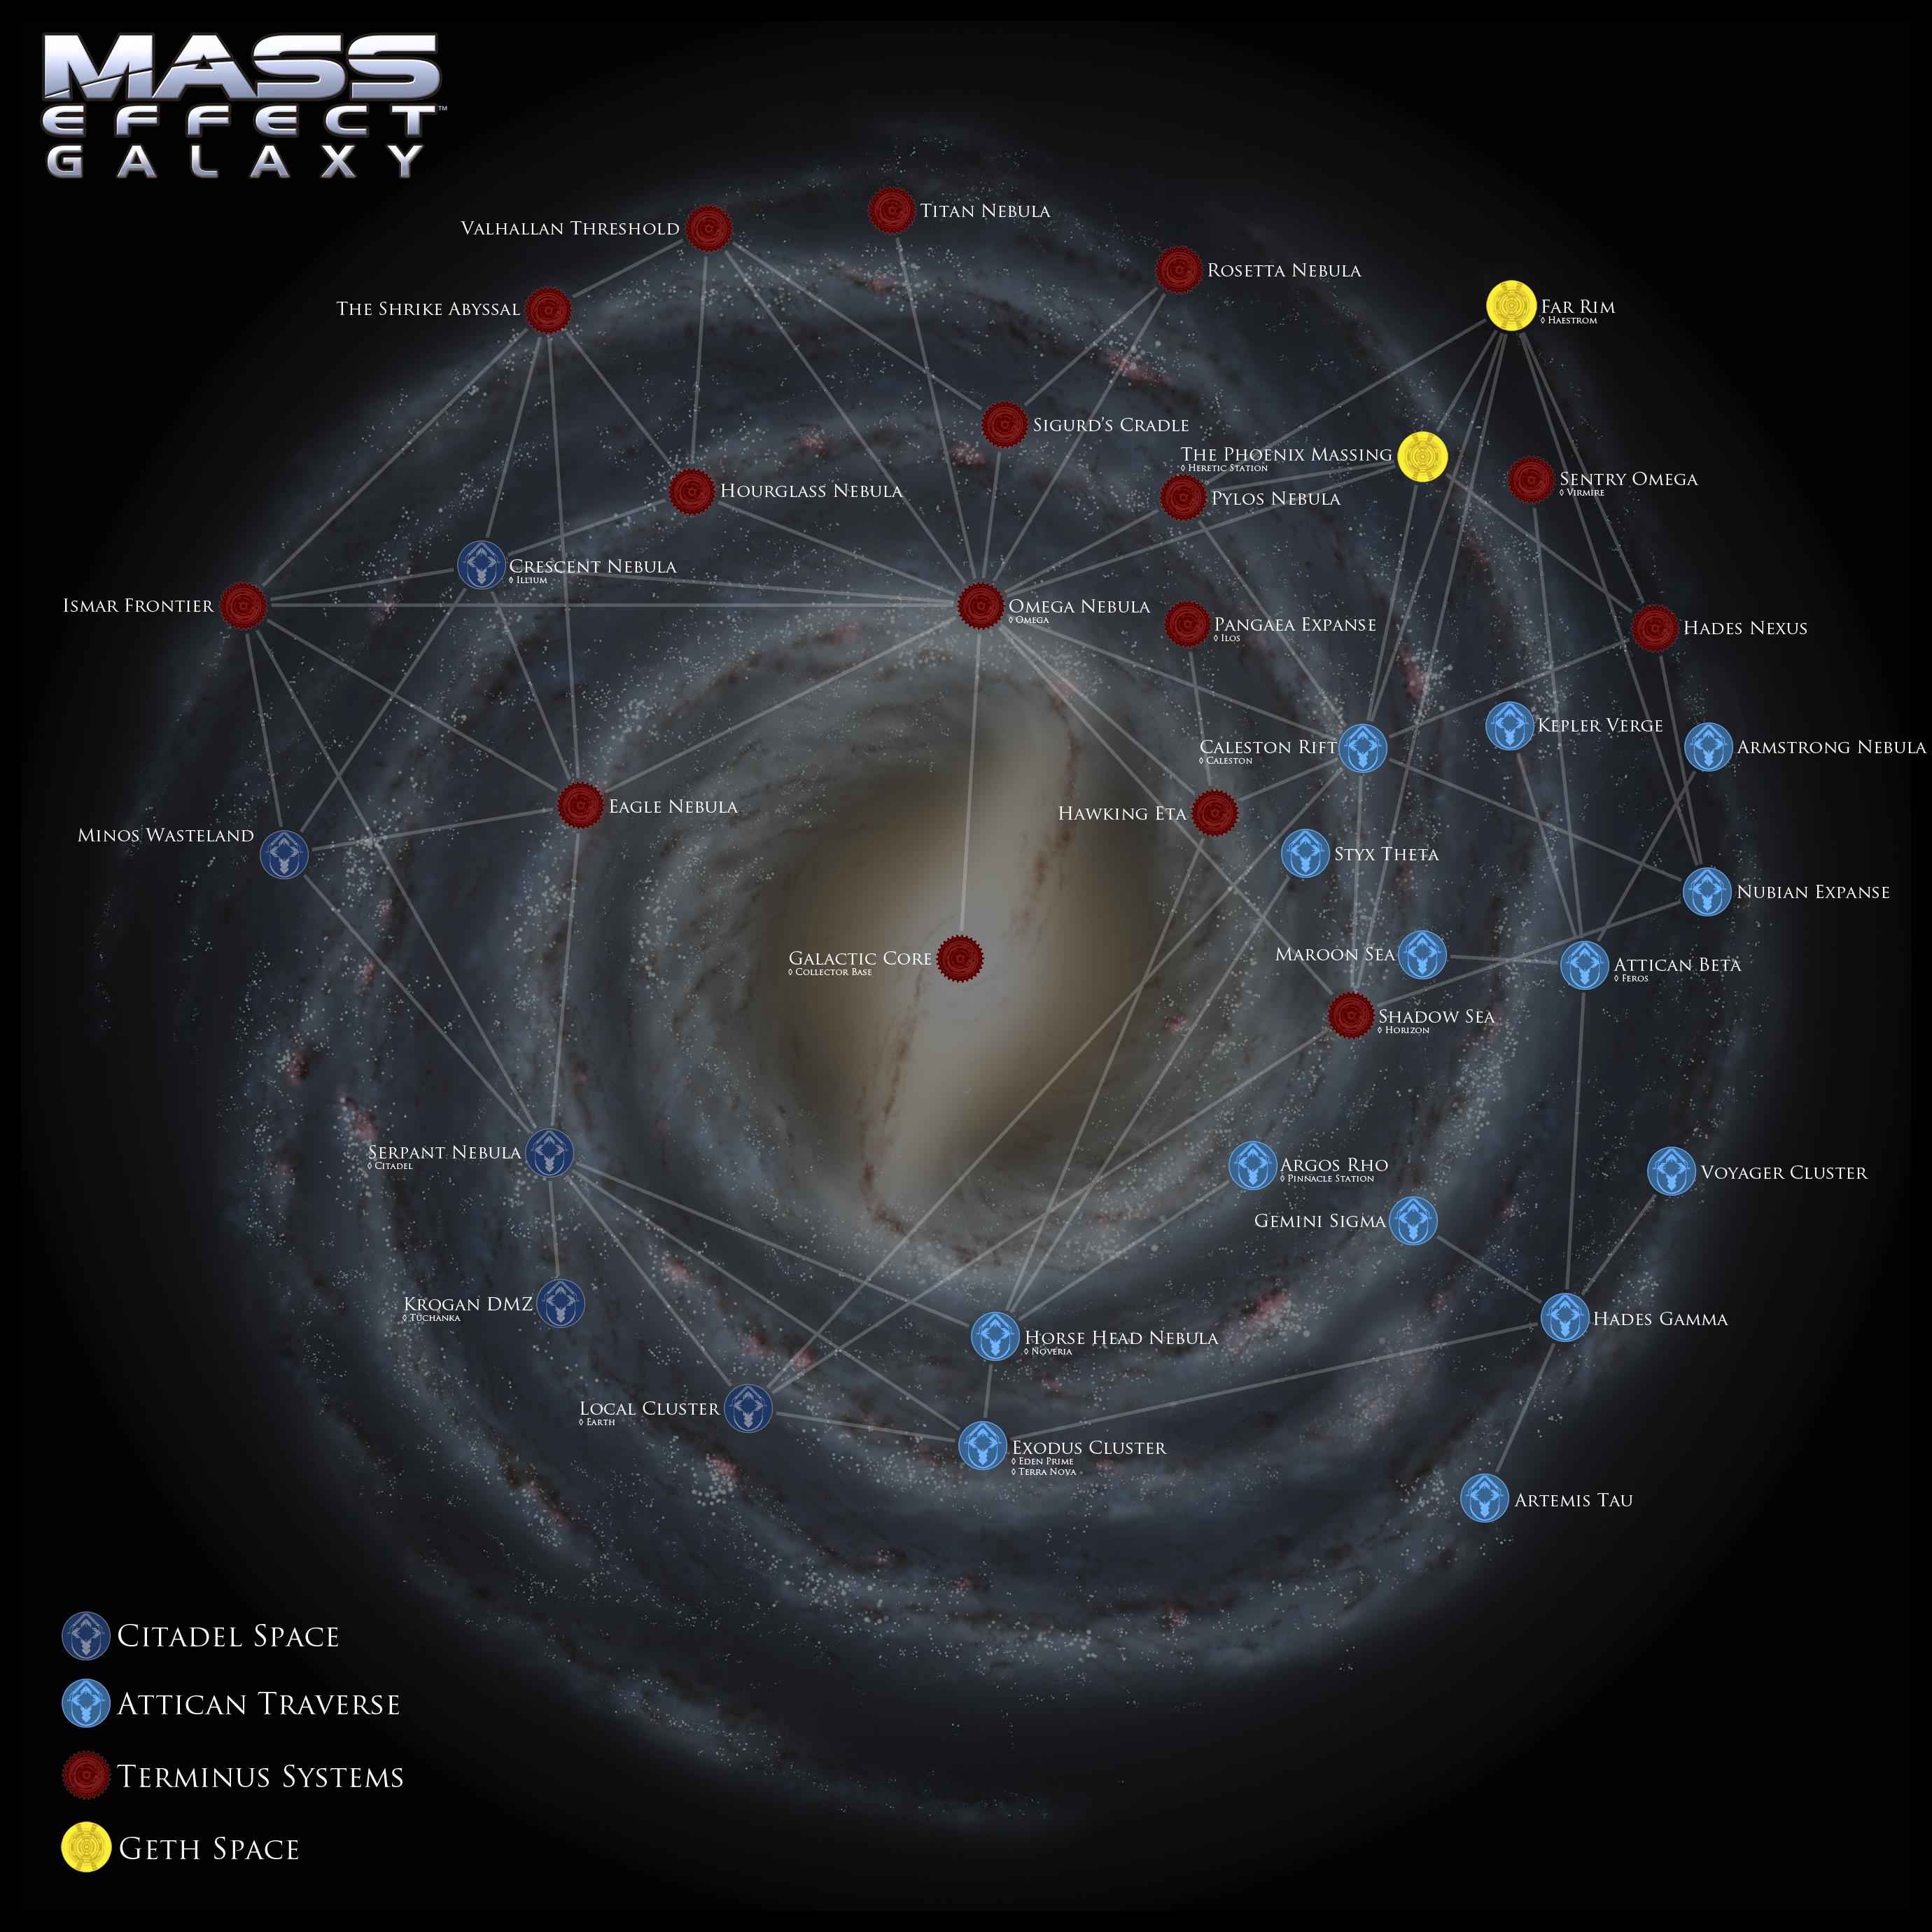 Mass Effect Galaxy Map by DWebArt